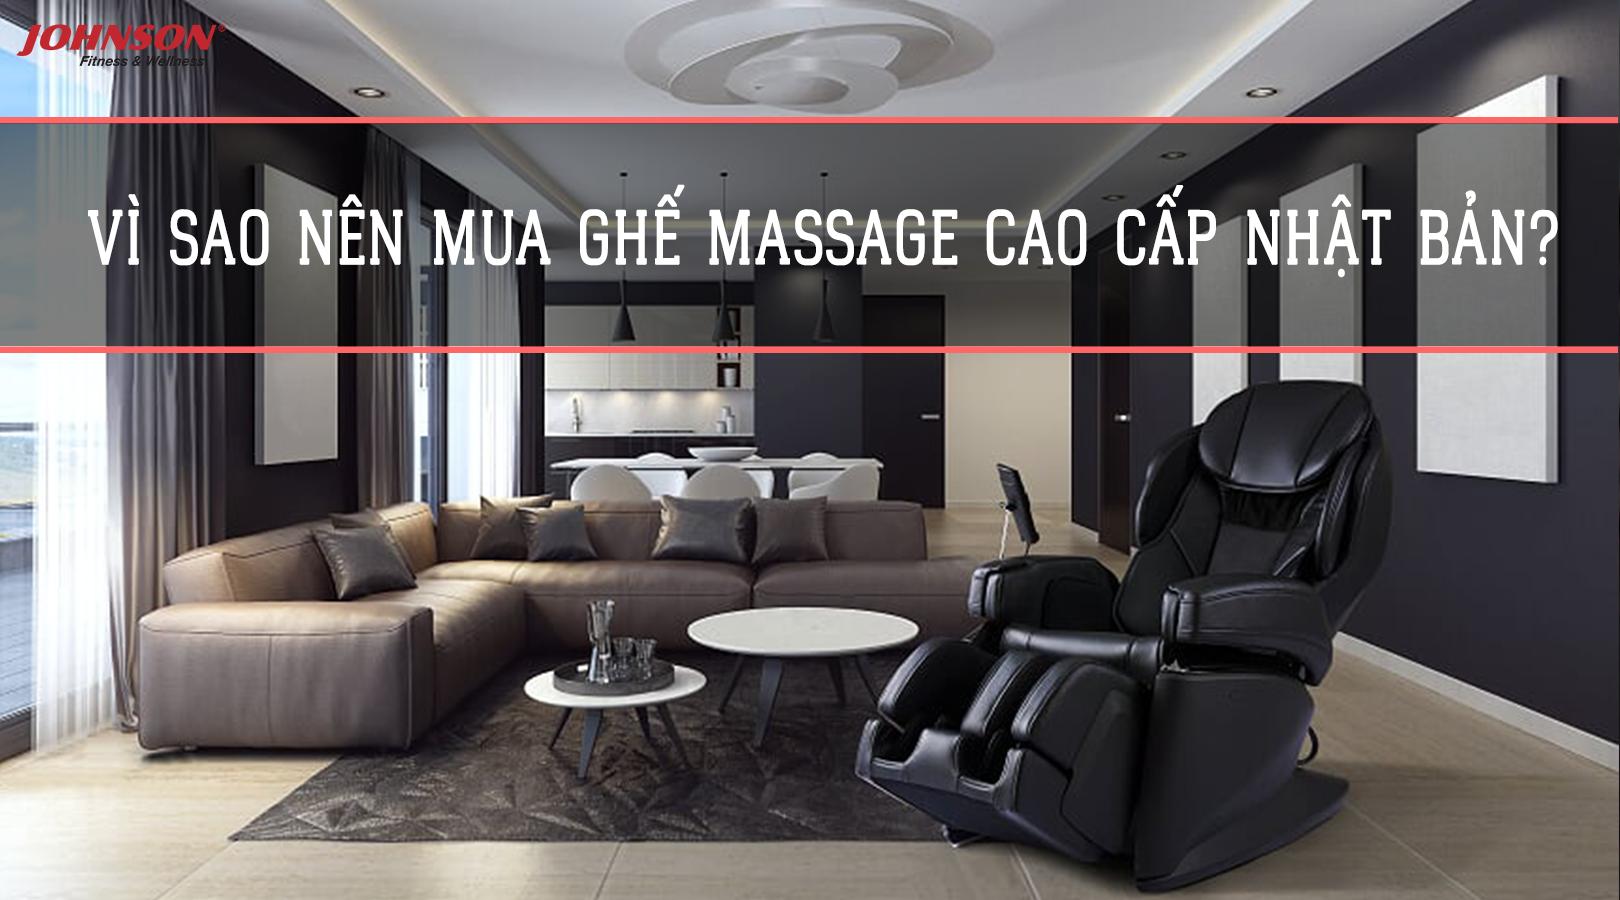 Vì sao nên mua ghế massage cao cấp Nhật Bản?